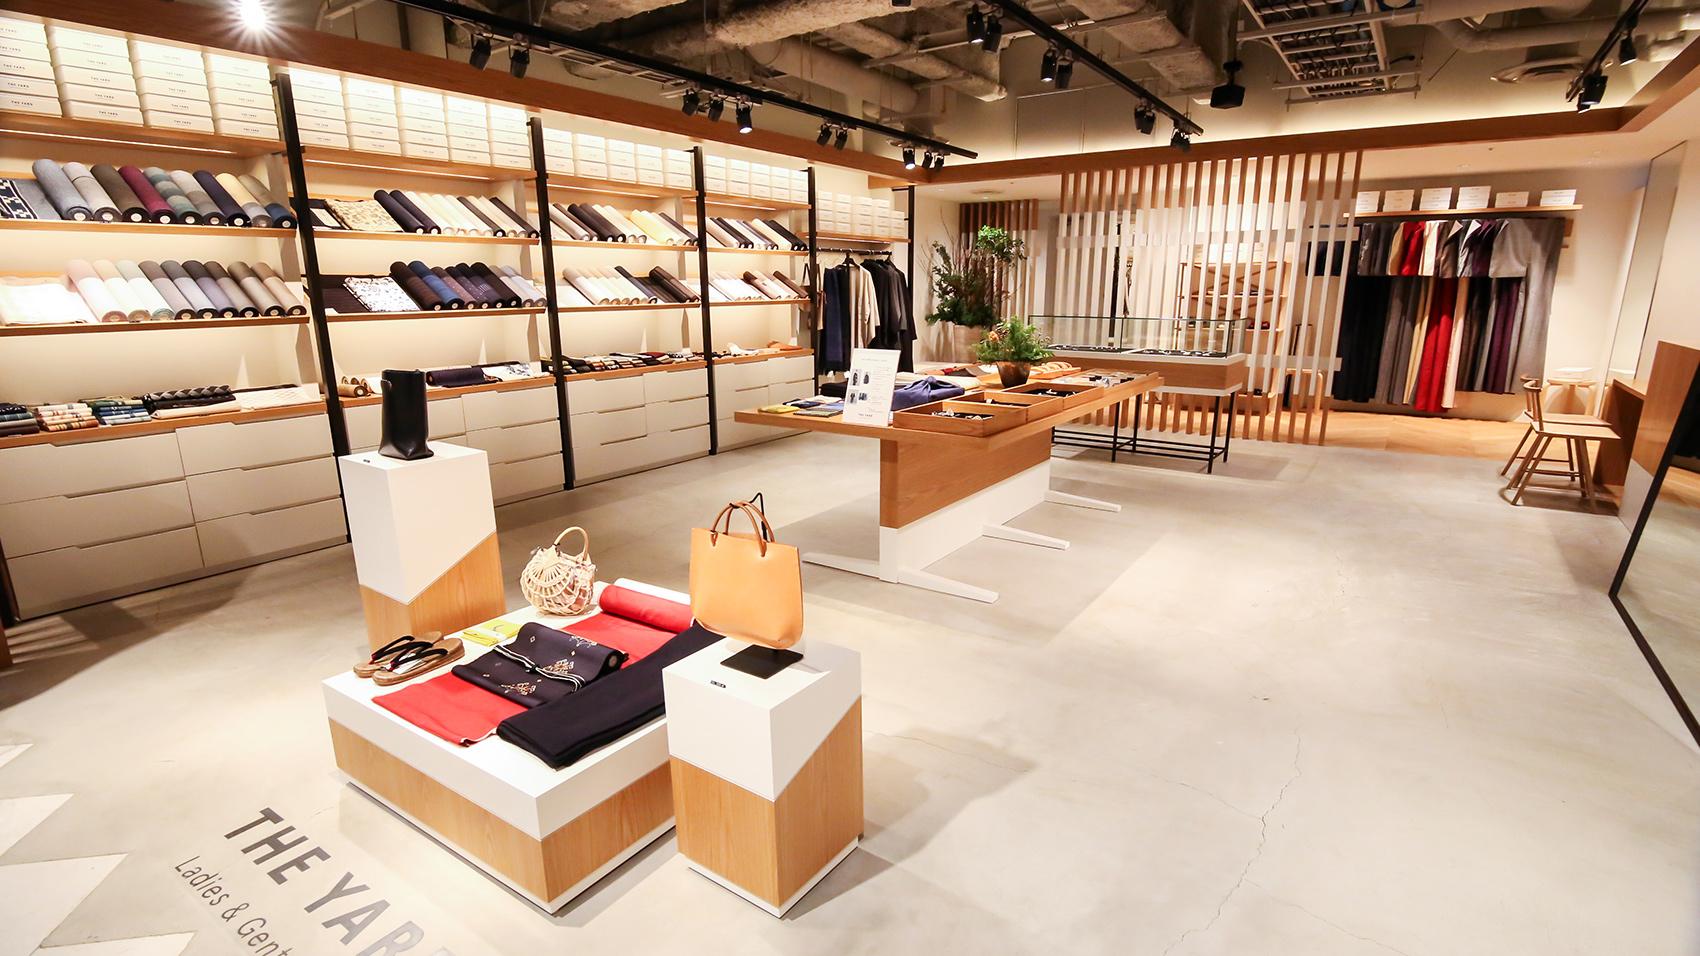 店舗のデザインもシンプルでモダン。